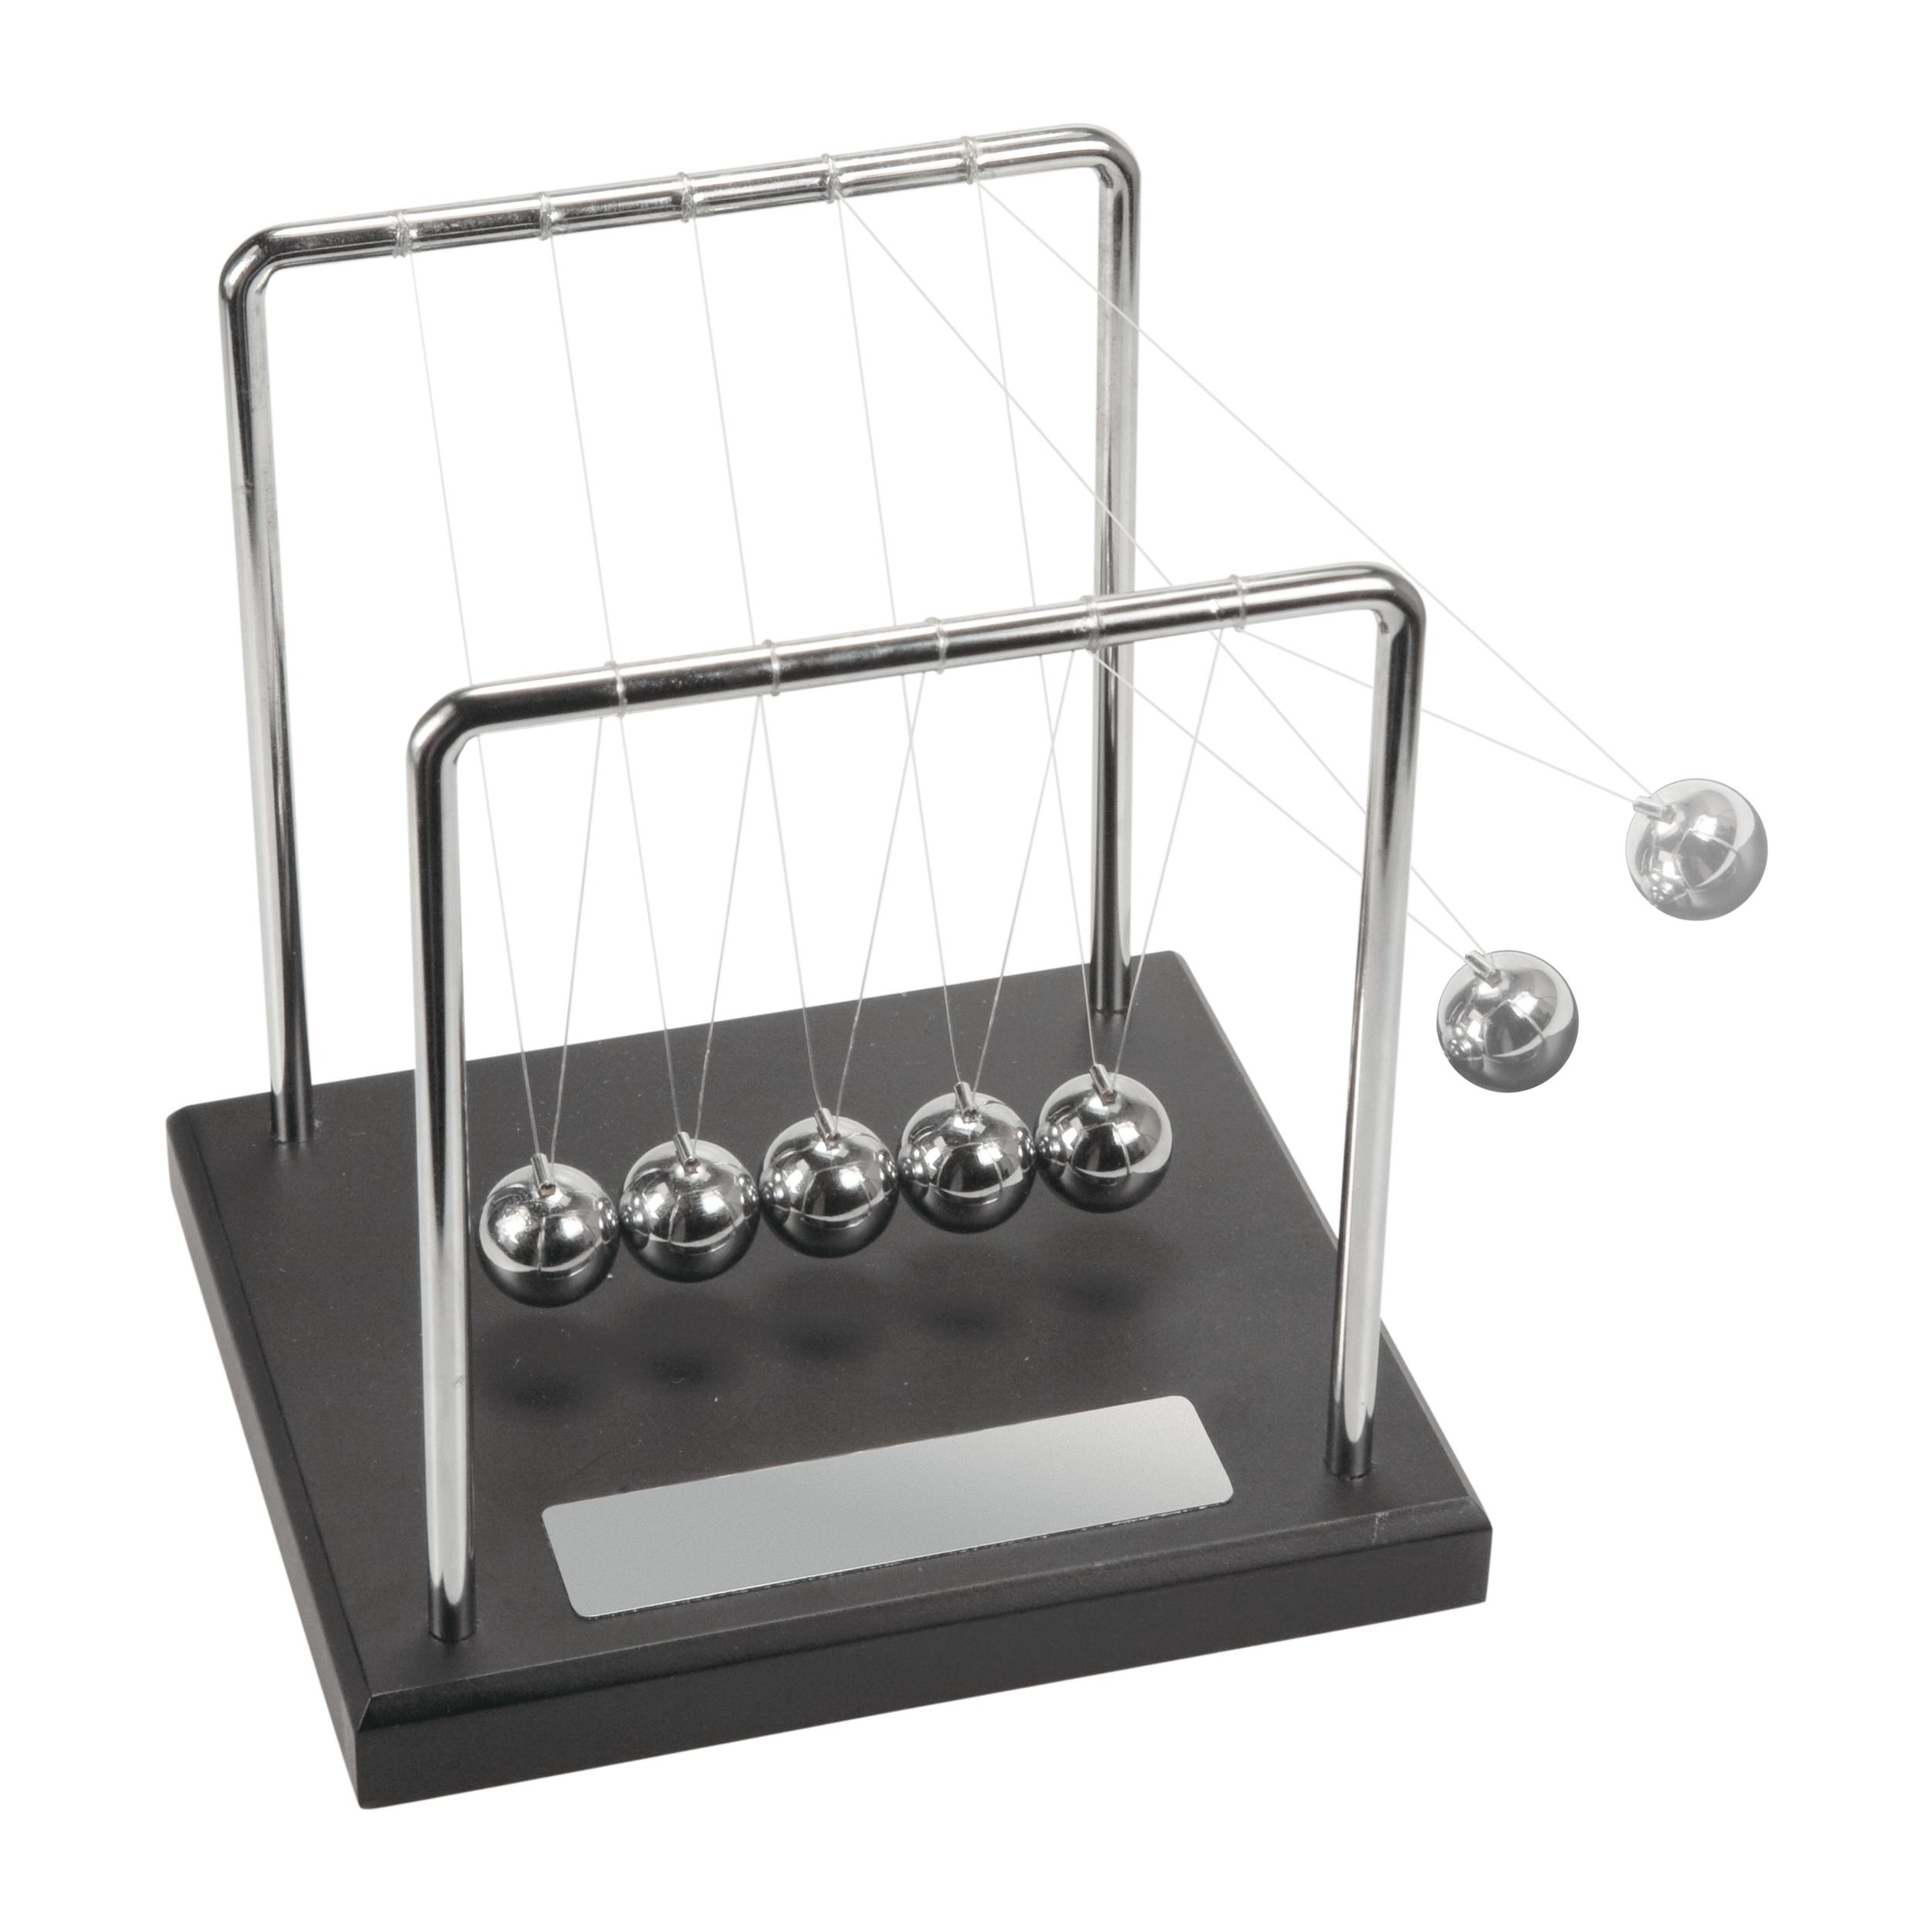 La bille oscillante - 108-1006-2